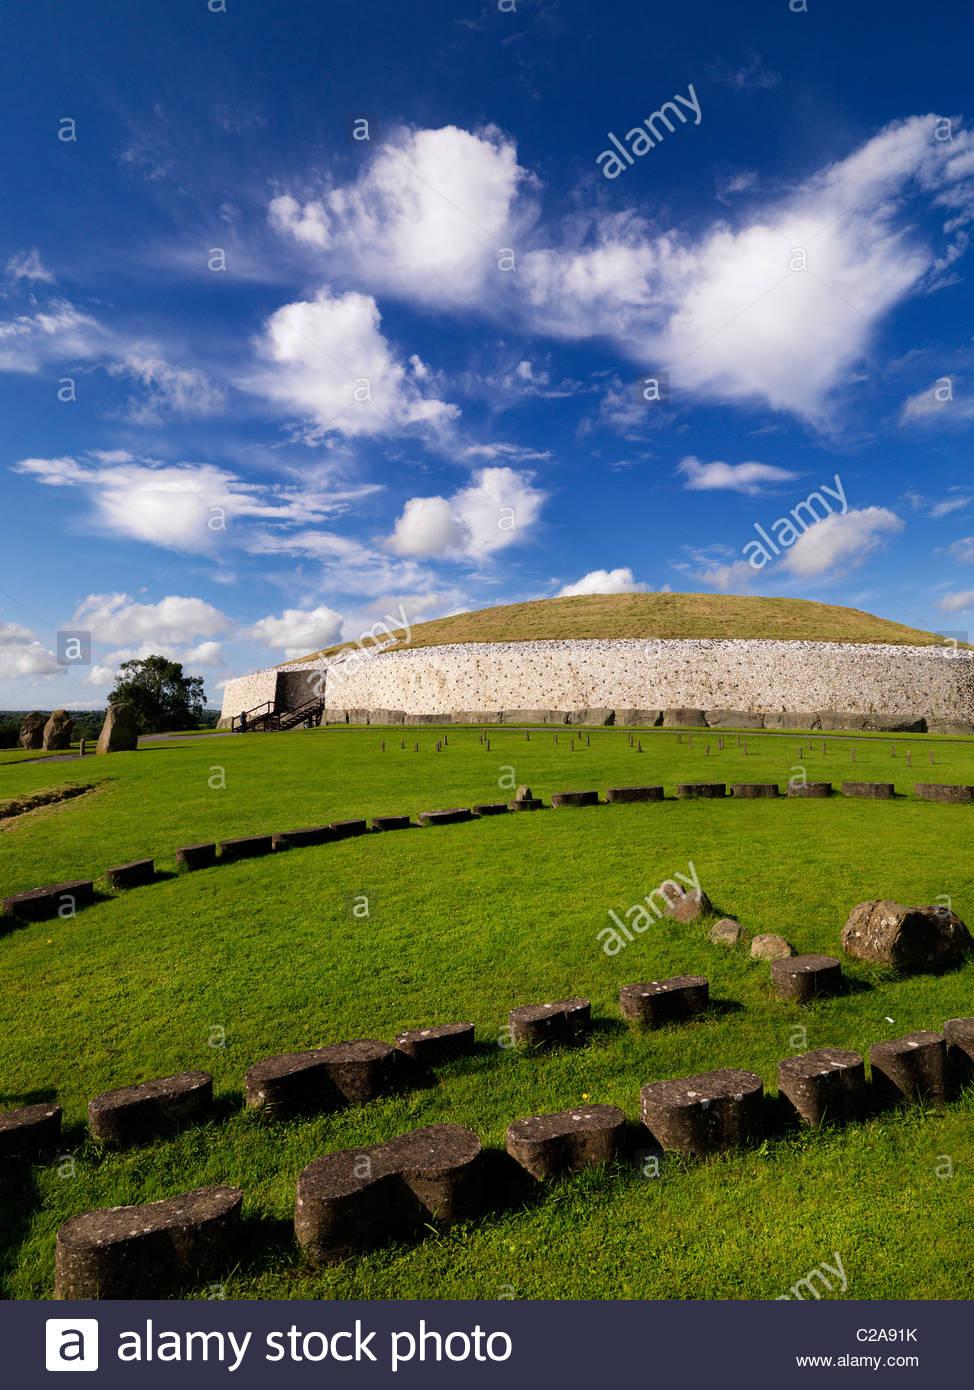 Newgrange prehistoric monument in County Meath, Ireland. - Stock Image